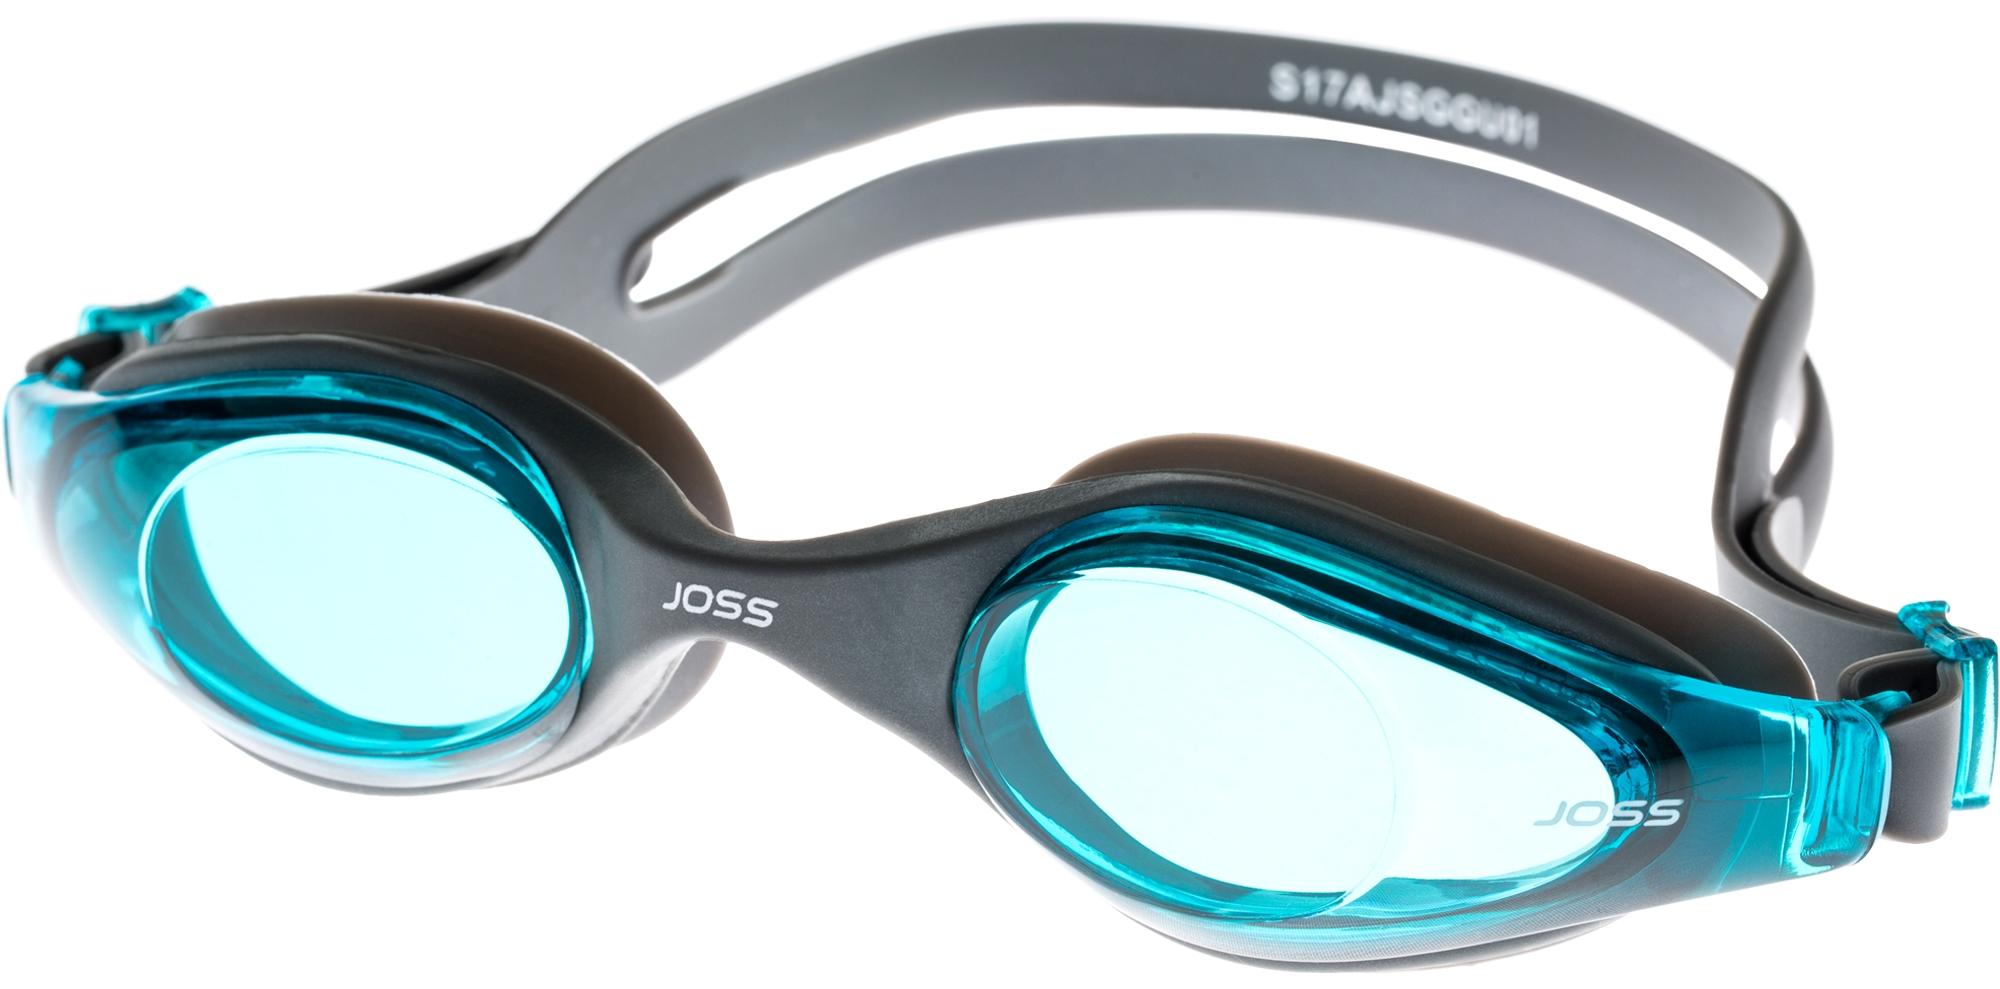 Заказать очки гуглес к бпла в нижнекамск защита подвеса жесткая mavic combo дешево